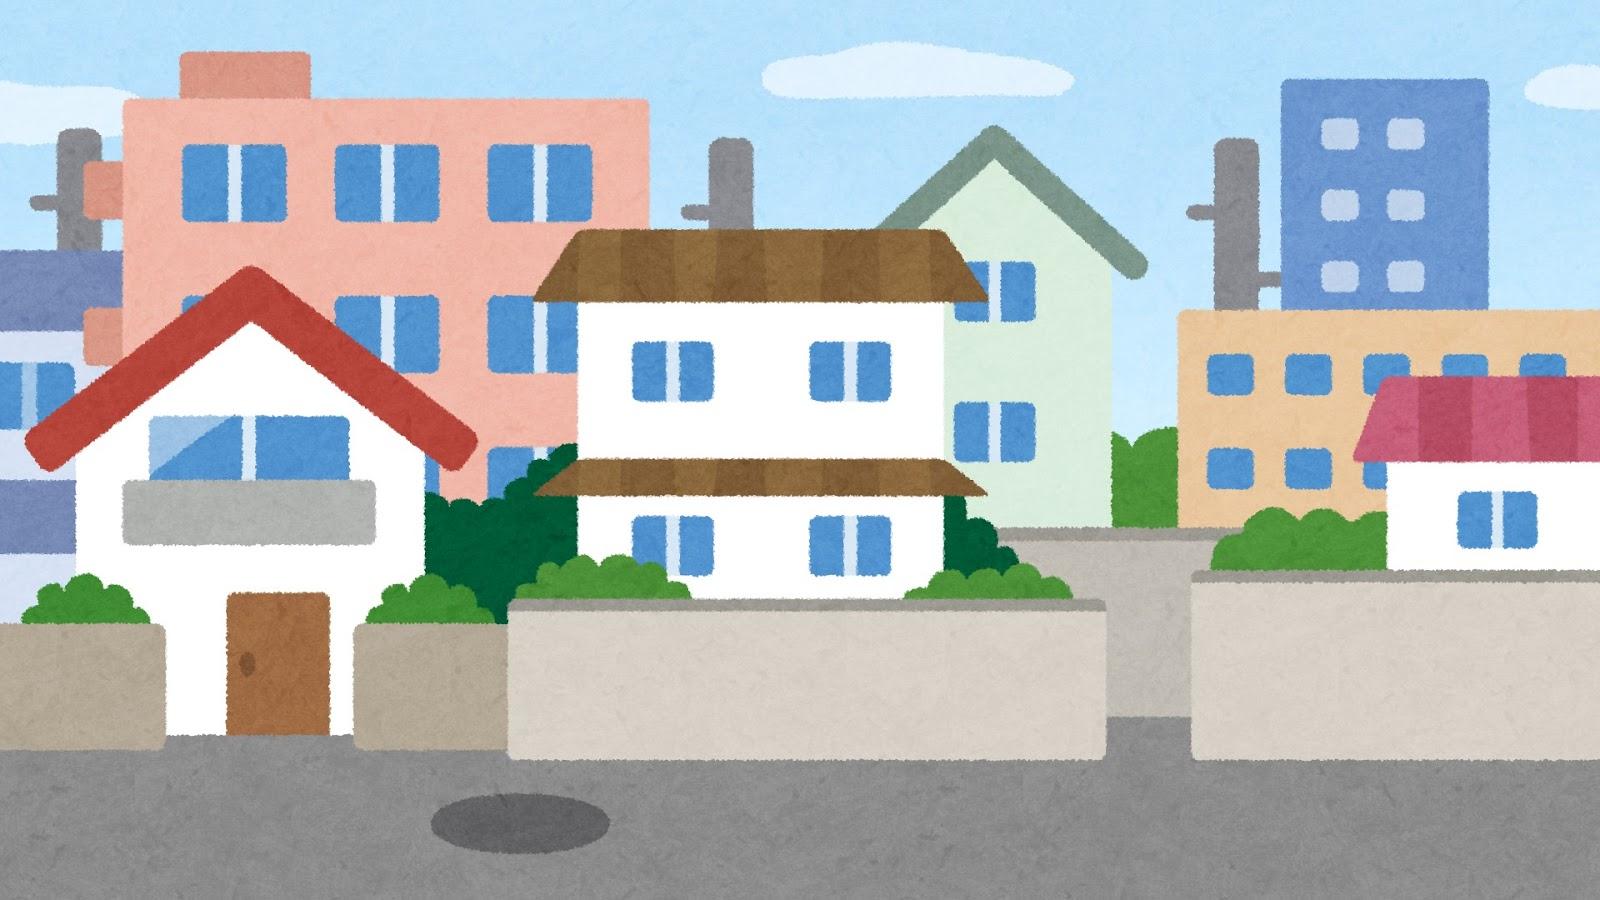 住宅街のイラスト背景素材 かわいいフリー素材集 いらすとや